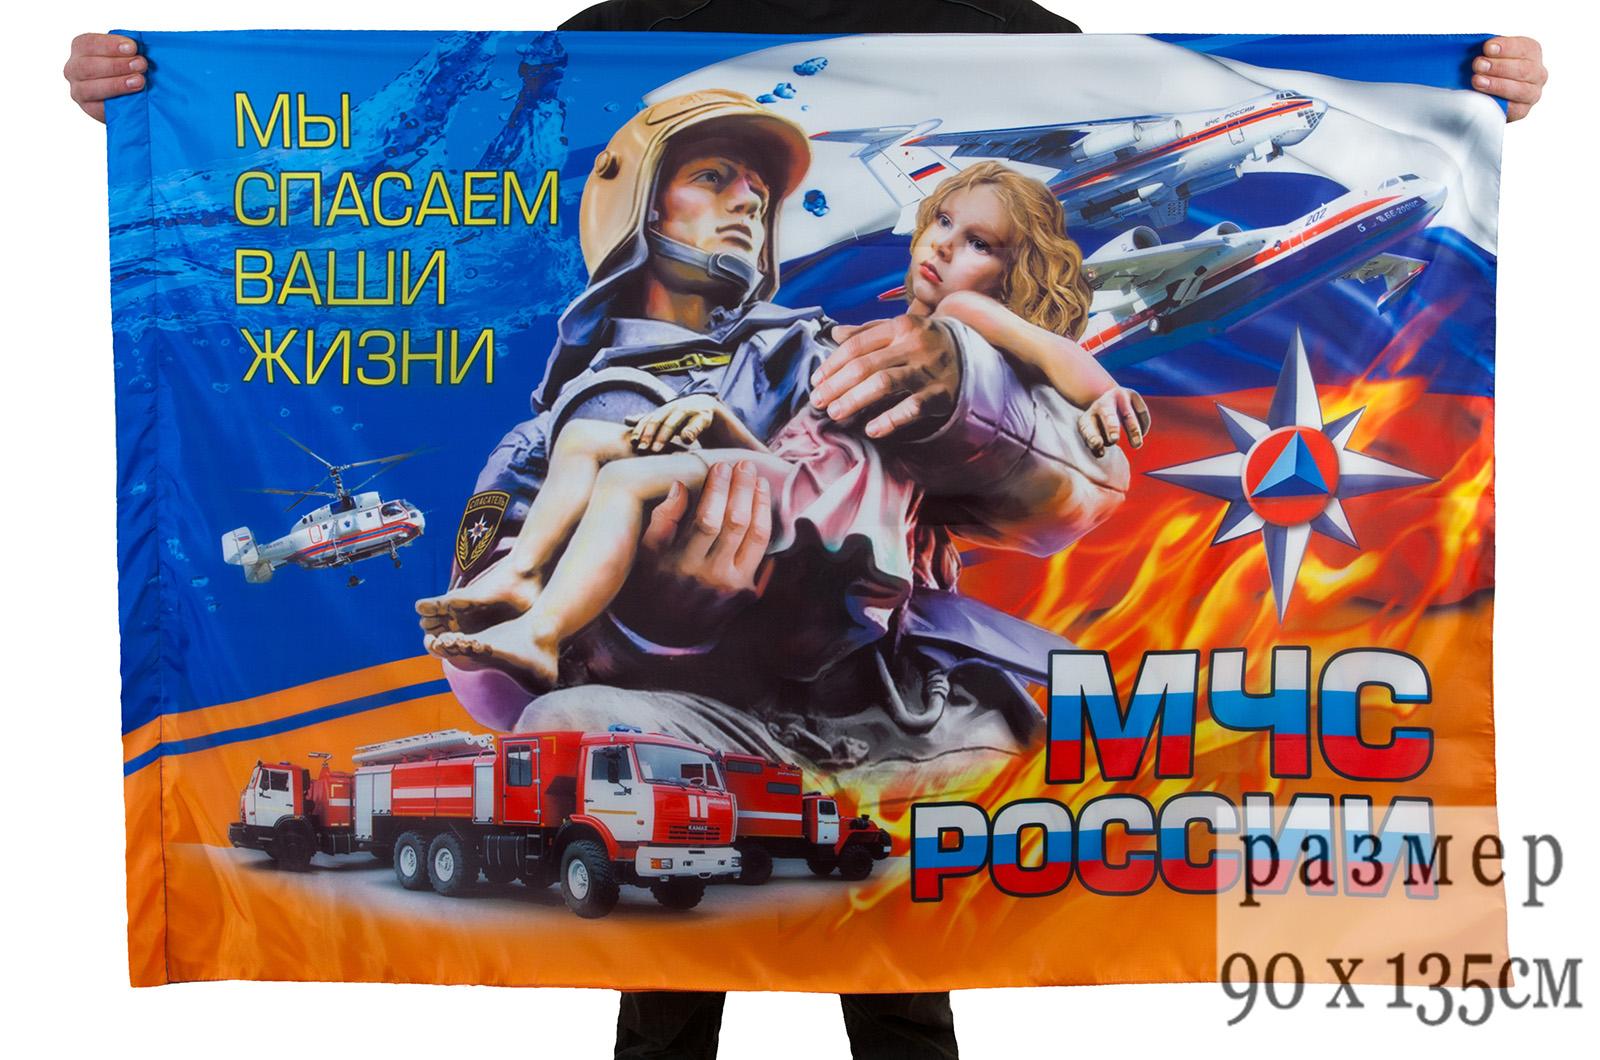 Флаг Спасатель МЧС России